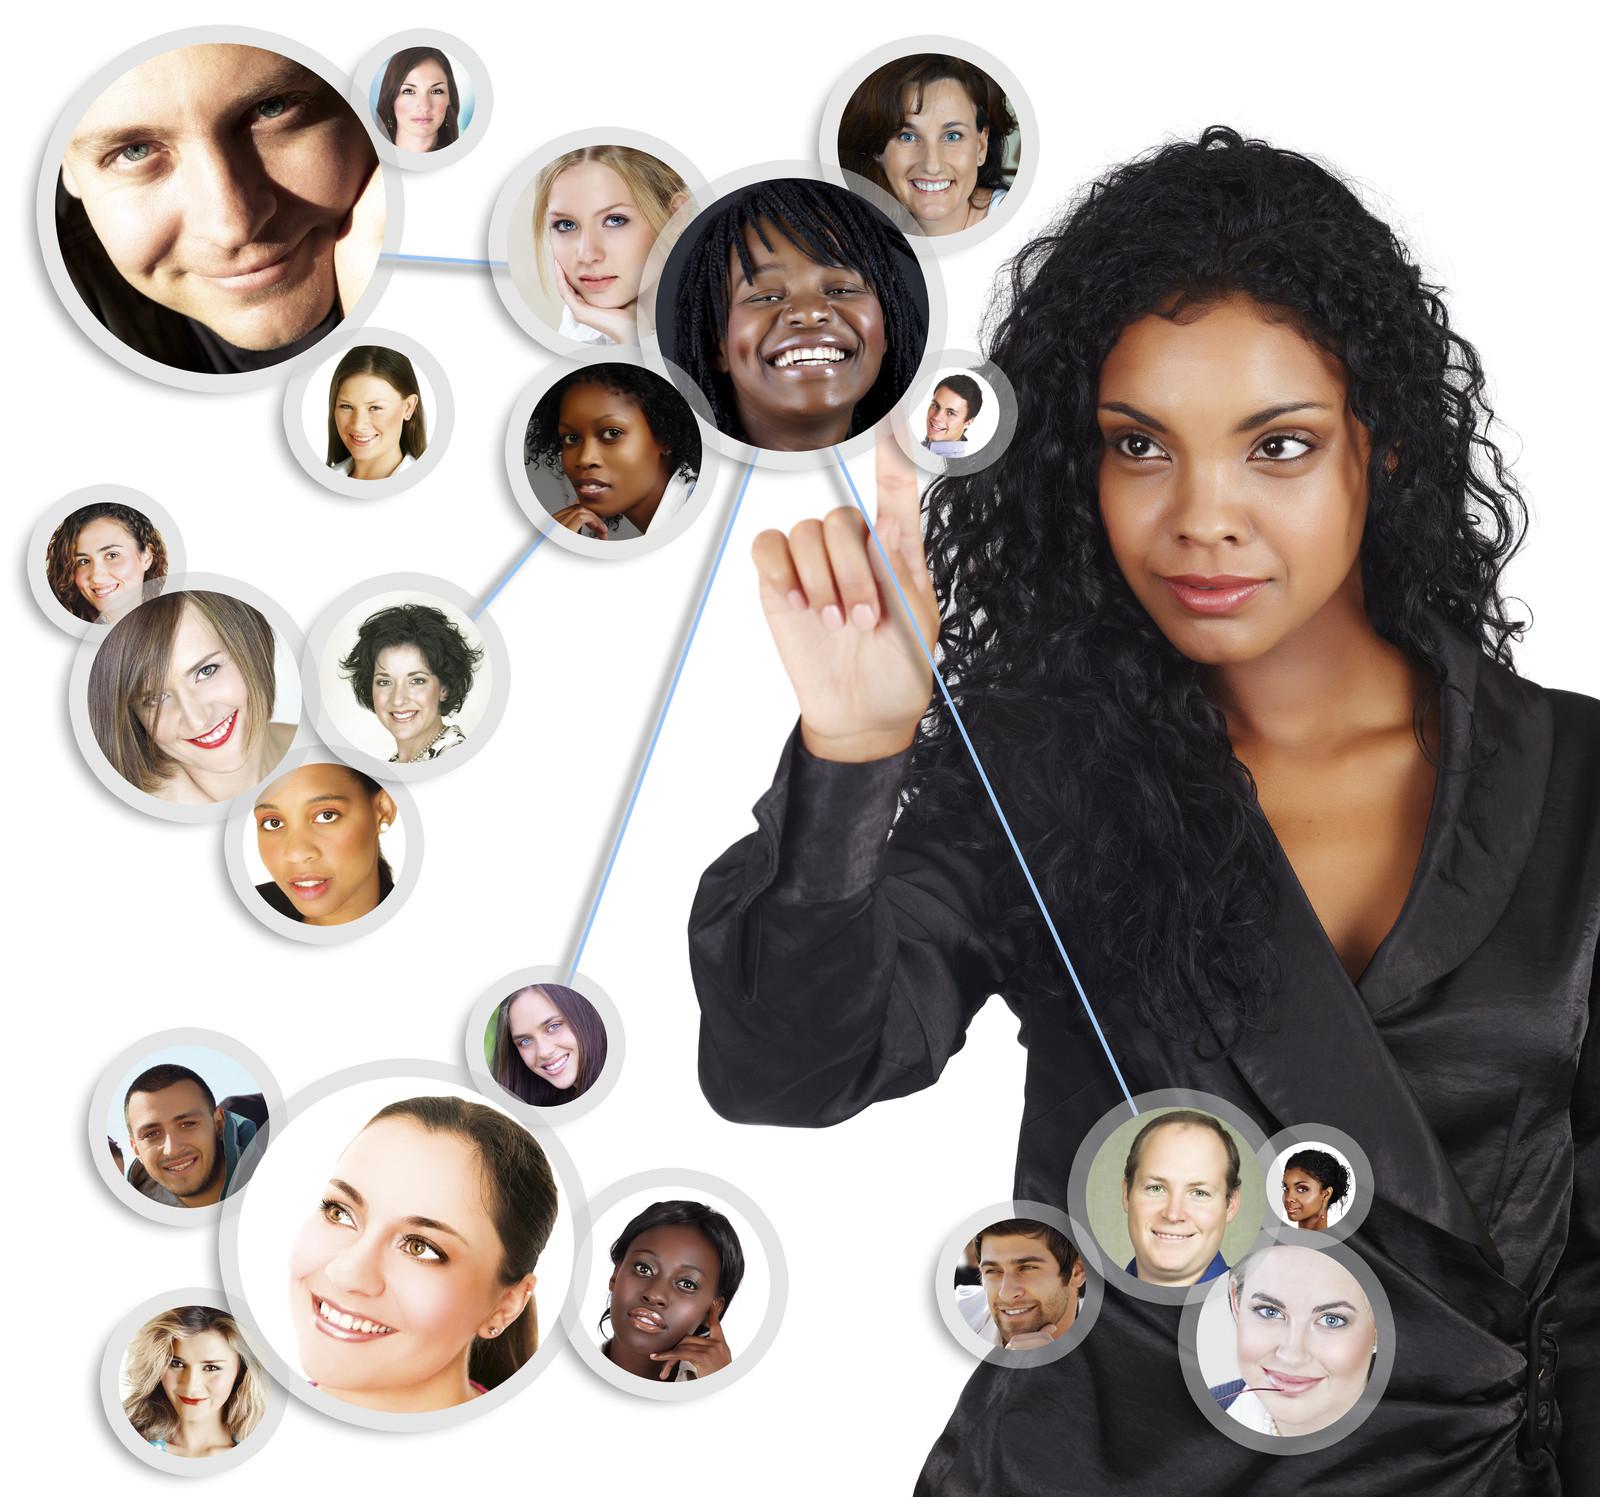 post 9 Extraños en las redes sociales